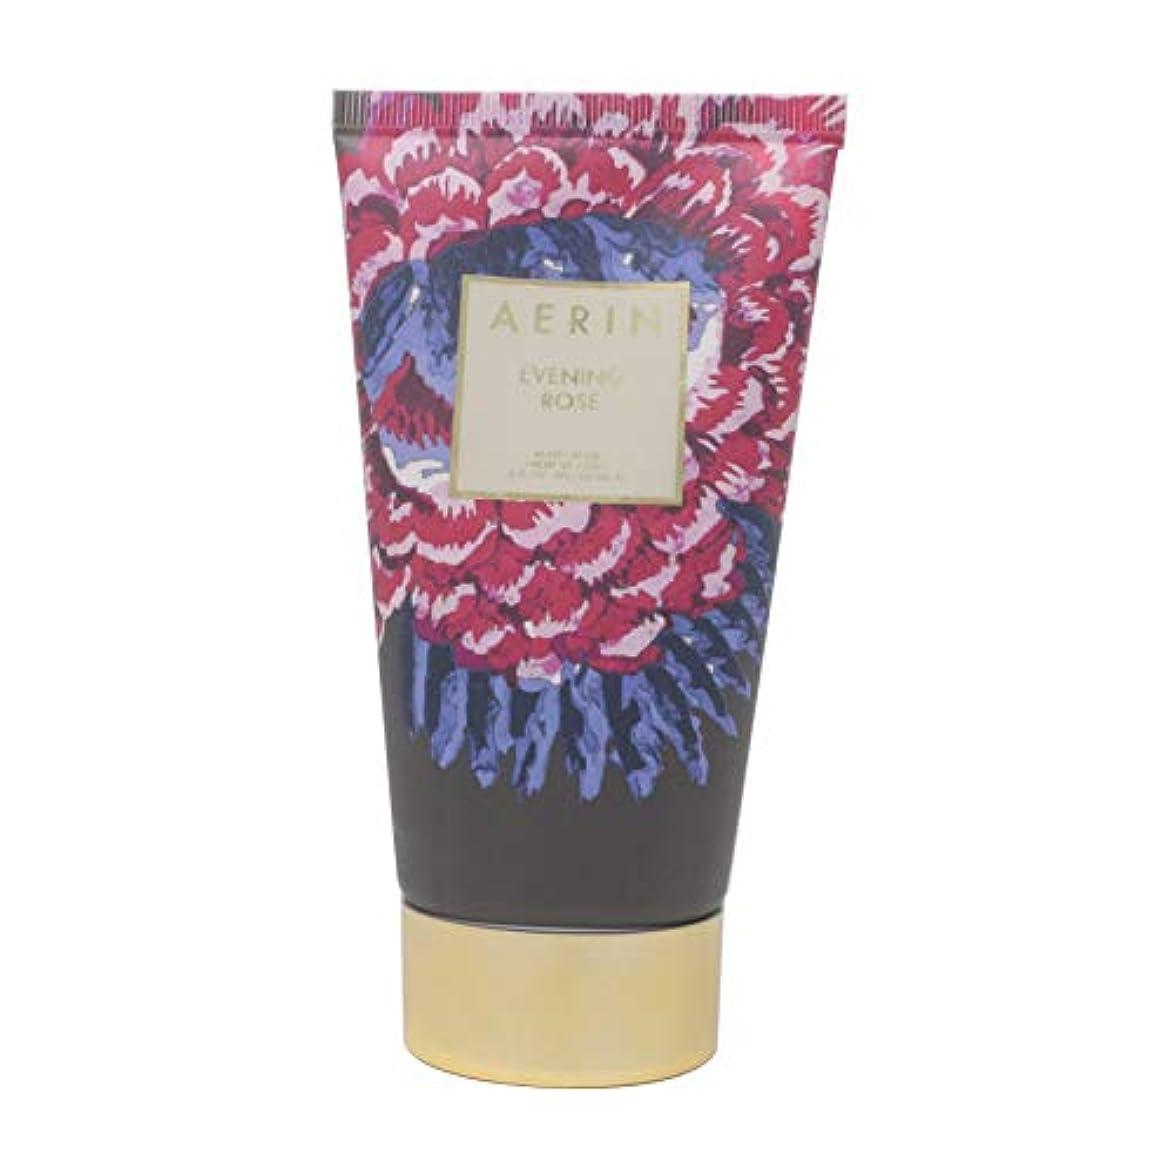 一般コンテンツ大理石AERIN 'Evening Rose' (アエリン イブニング ローズ) 5.0 oz (150ml) Body Cream ボディークリーム by Estee Lauder for Women